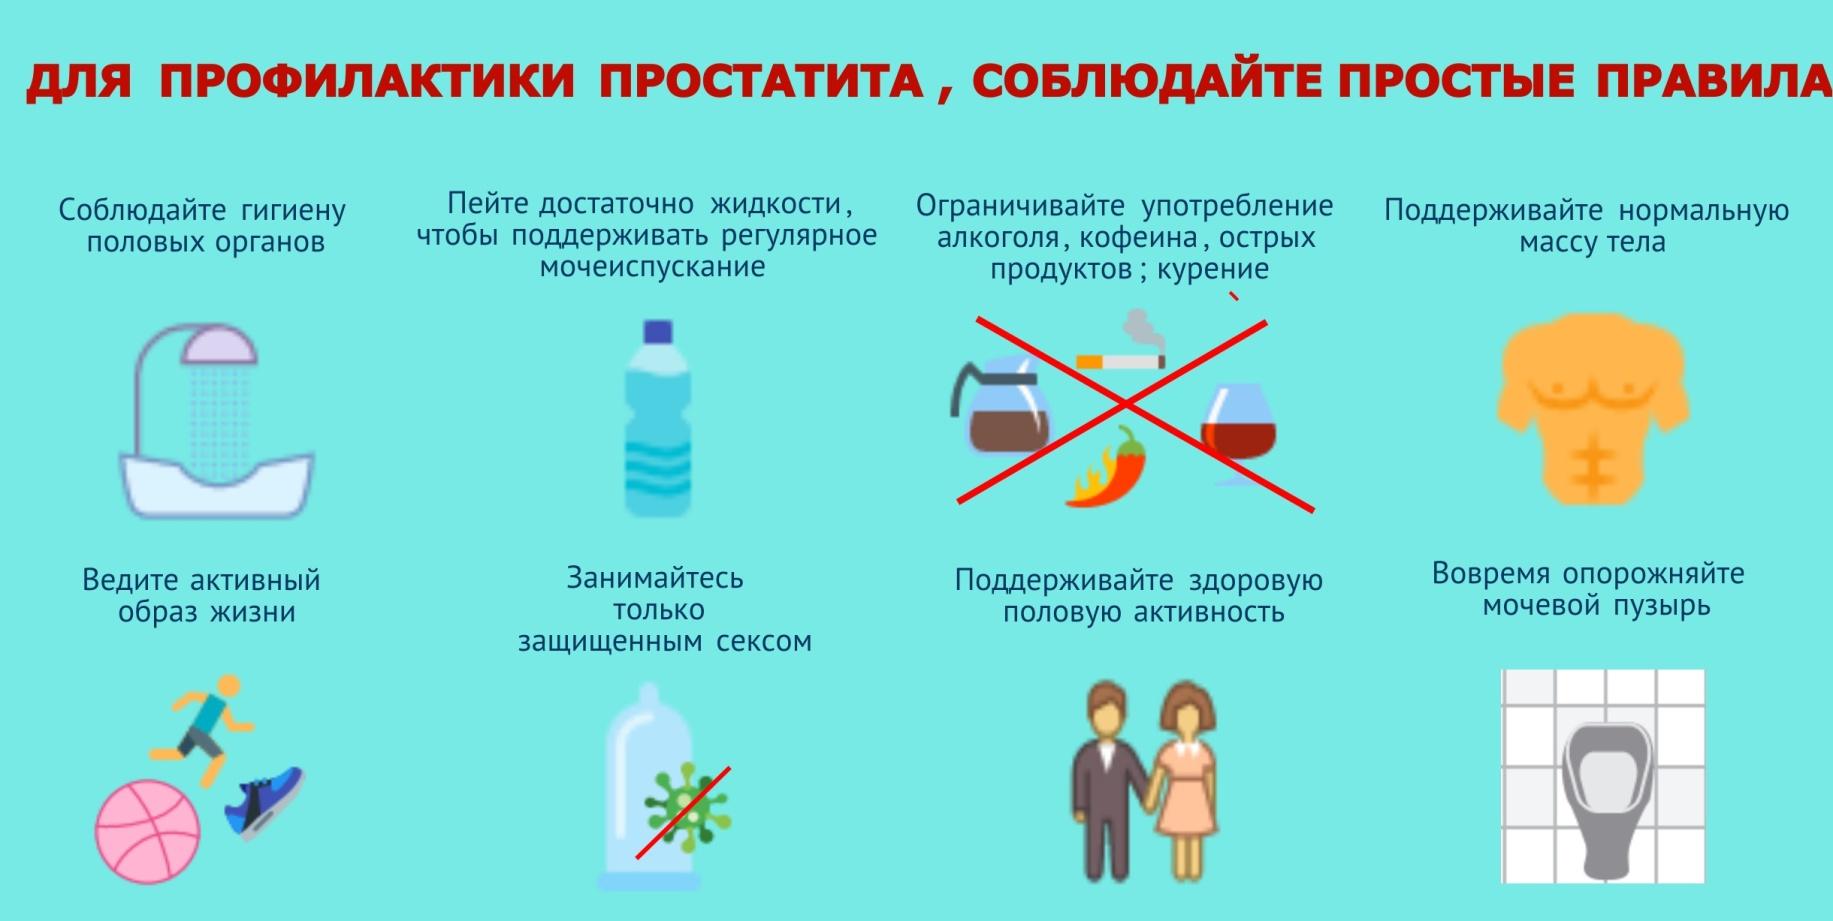 Для профилактики простатита, соблюдайте простые правила